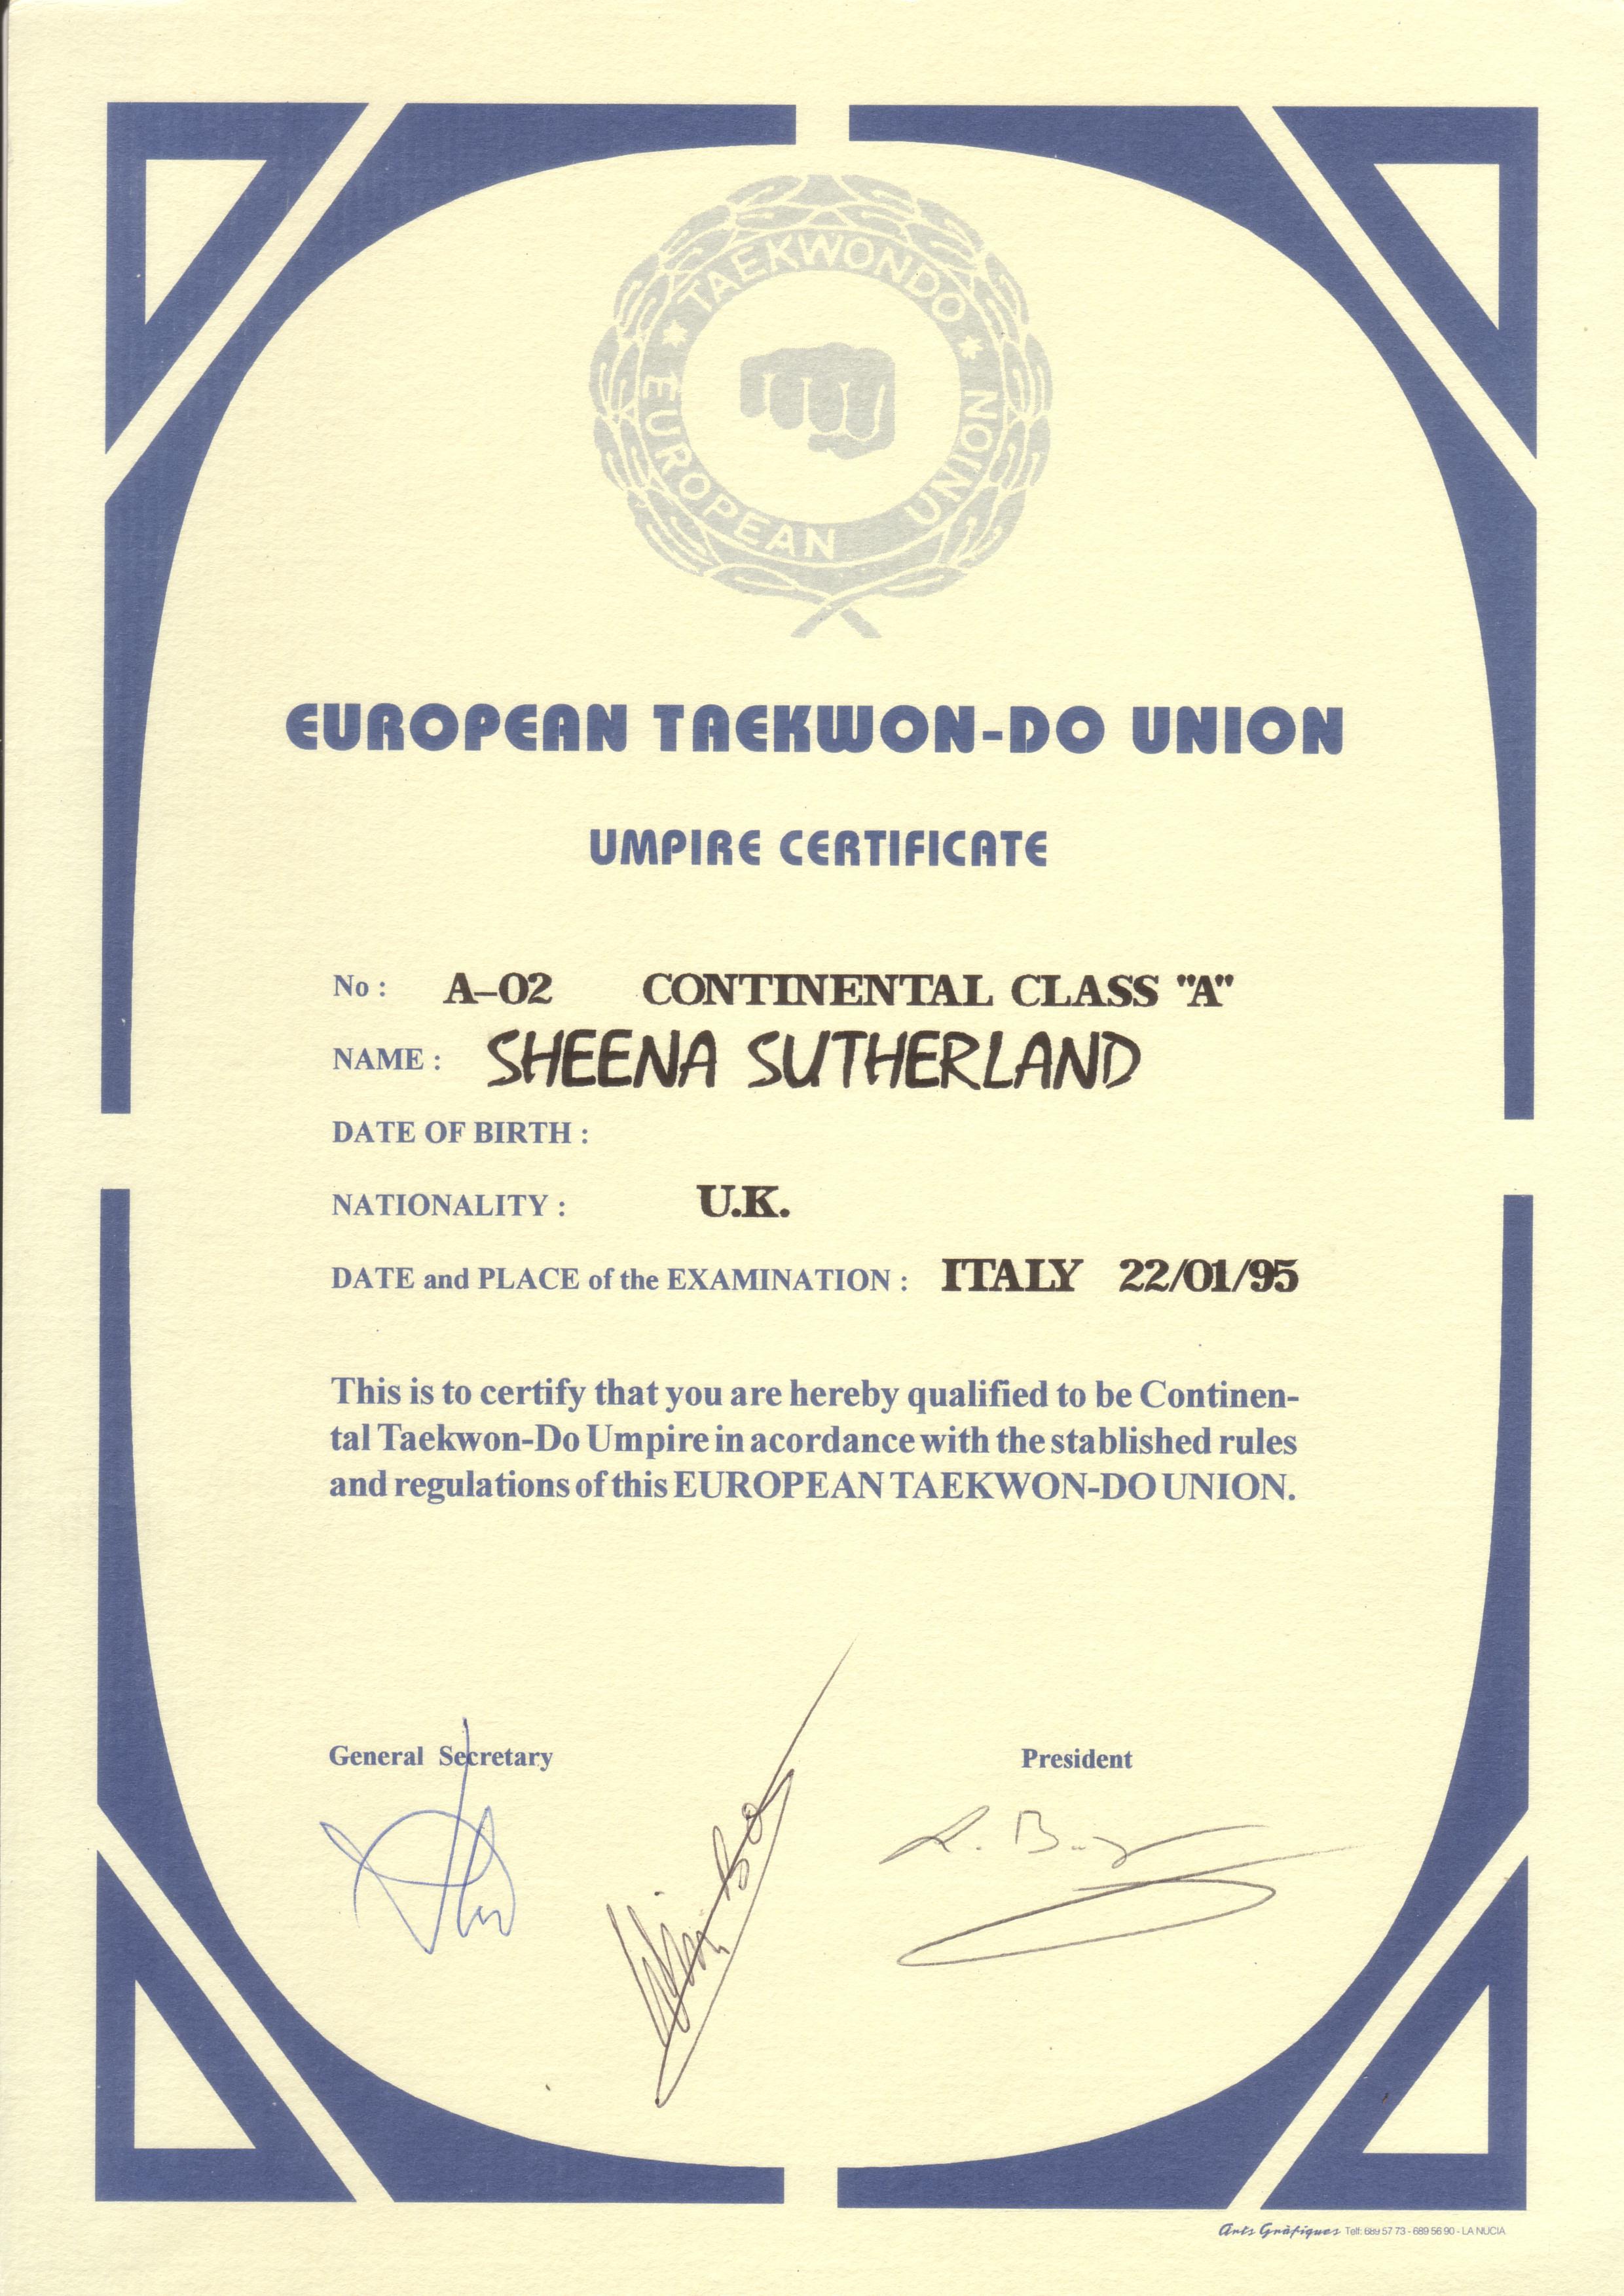 Umpire Cert 1995 Italy